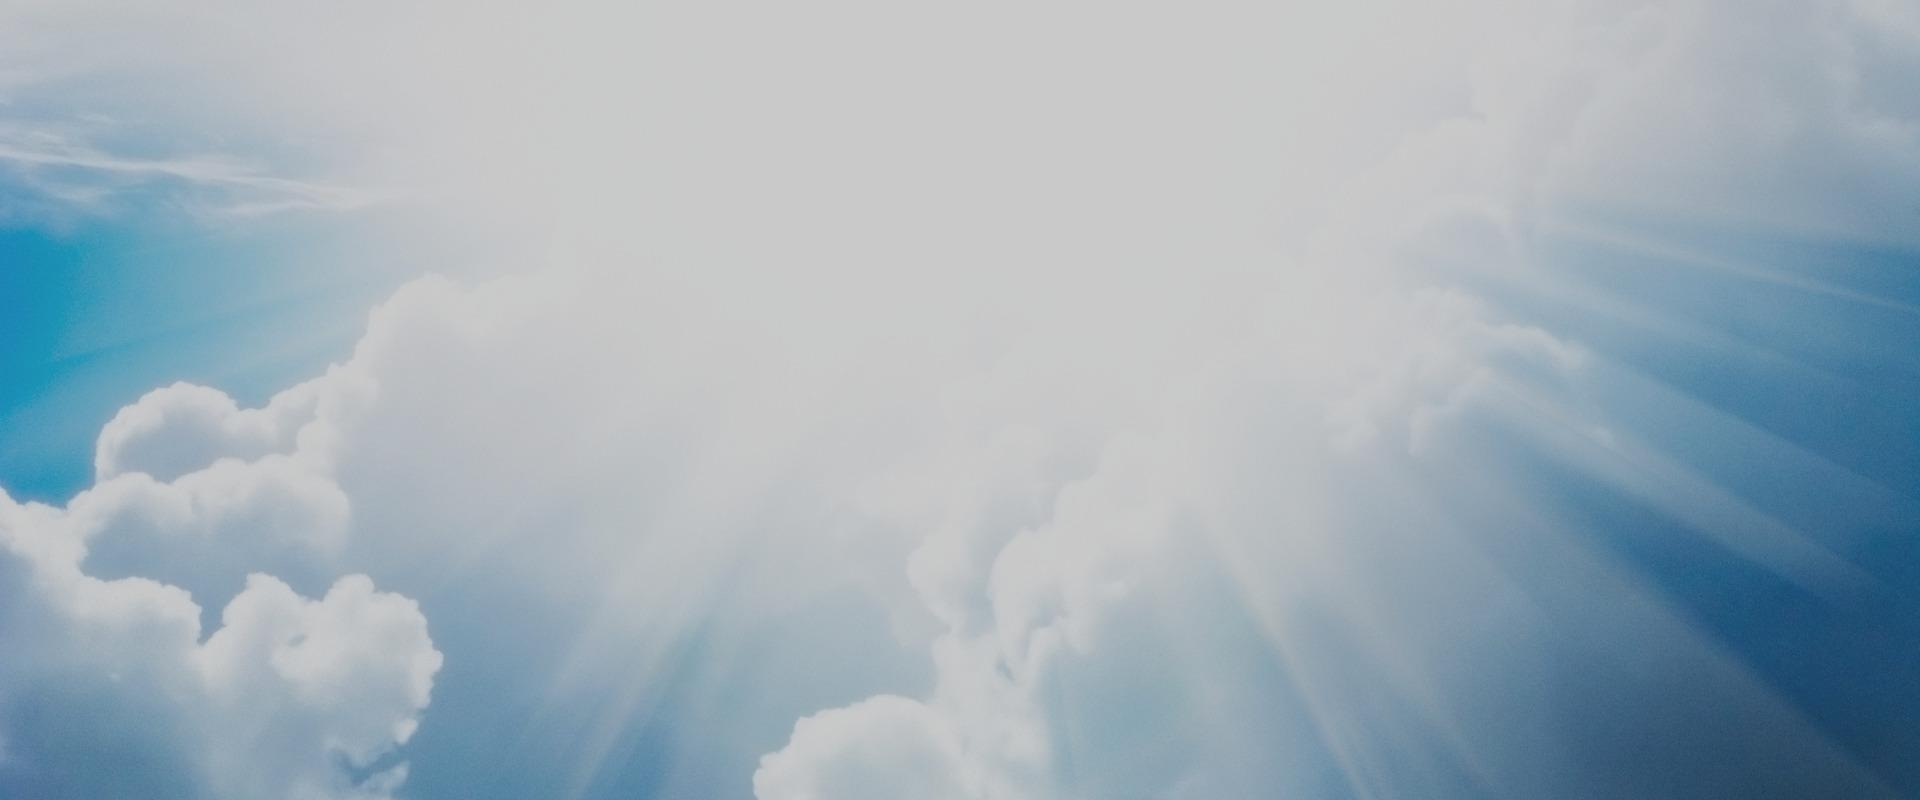 যীশুর কভারেজ নীতি এবং কৌশল: স্থানান্তরযোগ্যতা এবং পুনরুত্পাদনযোগ্যতা